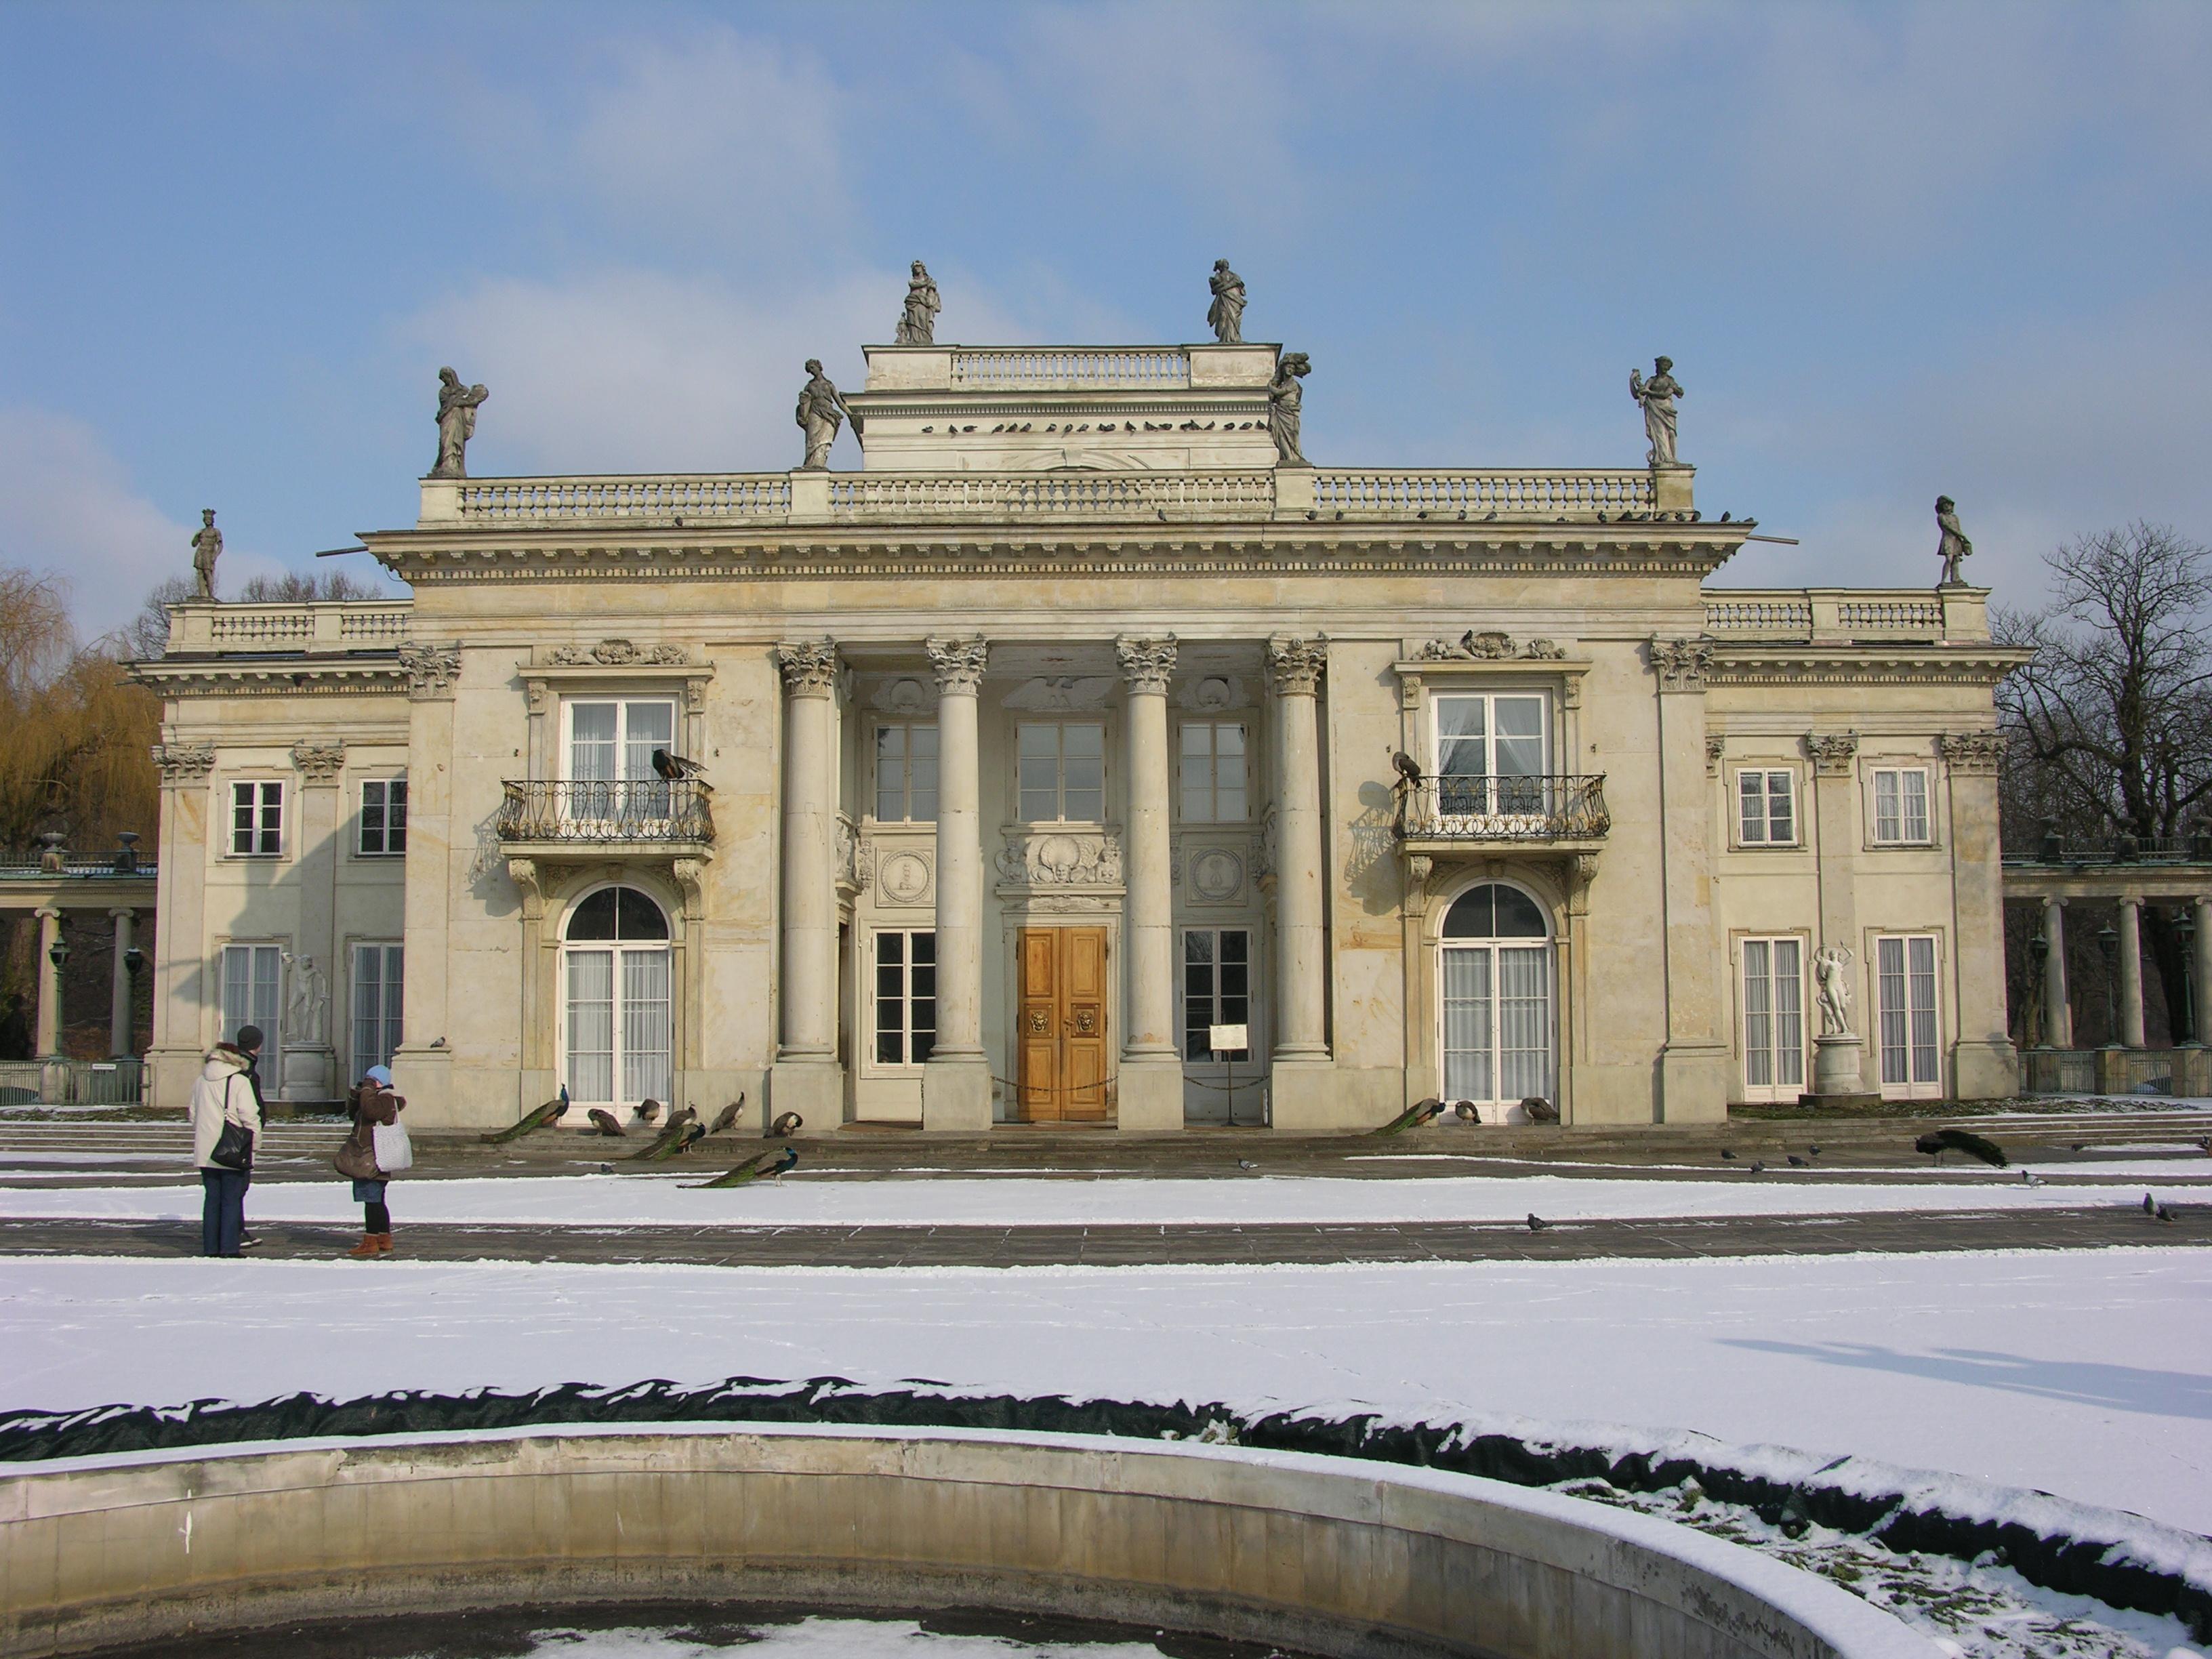 łazienki Królewskie Wszystko O Warszawie Fandom Powered